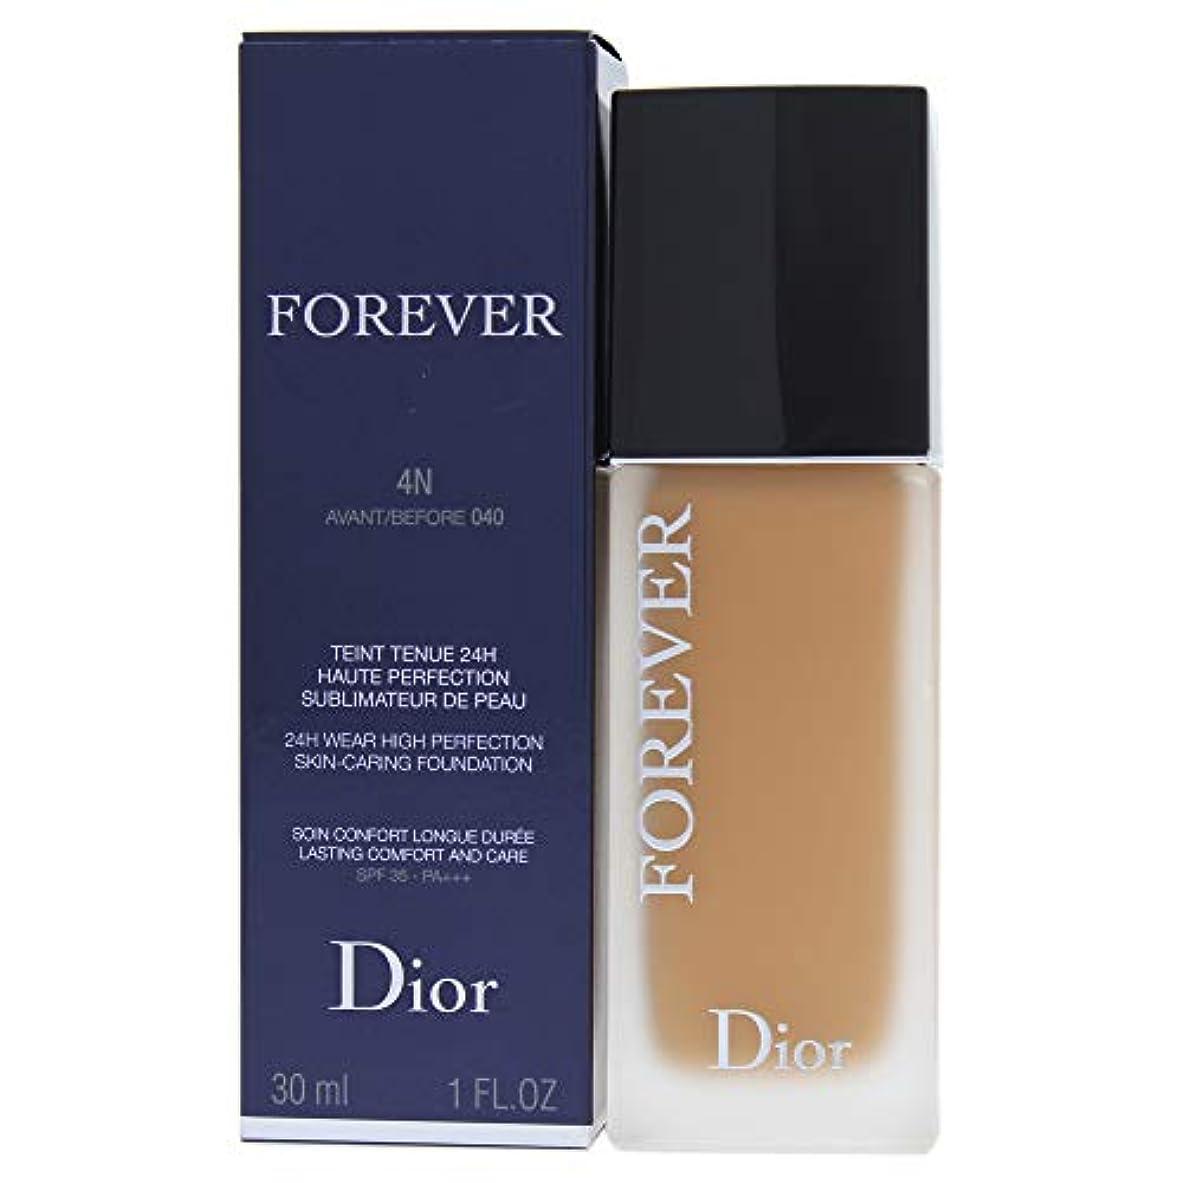 脅迫時代遅れ国旗クリスチャンディオール Dior Forever 24H Wear High Perfection Foundation SPF 35 - # 4N (Neutral) 30ml/1oz並行輸入品